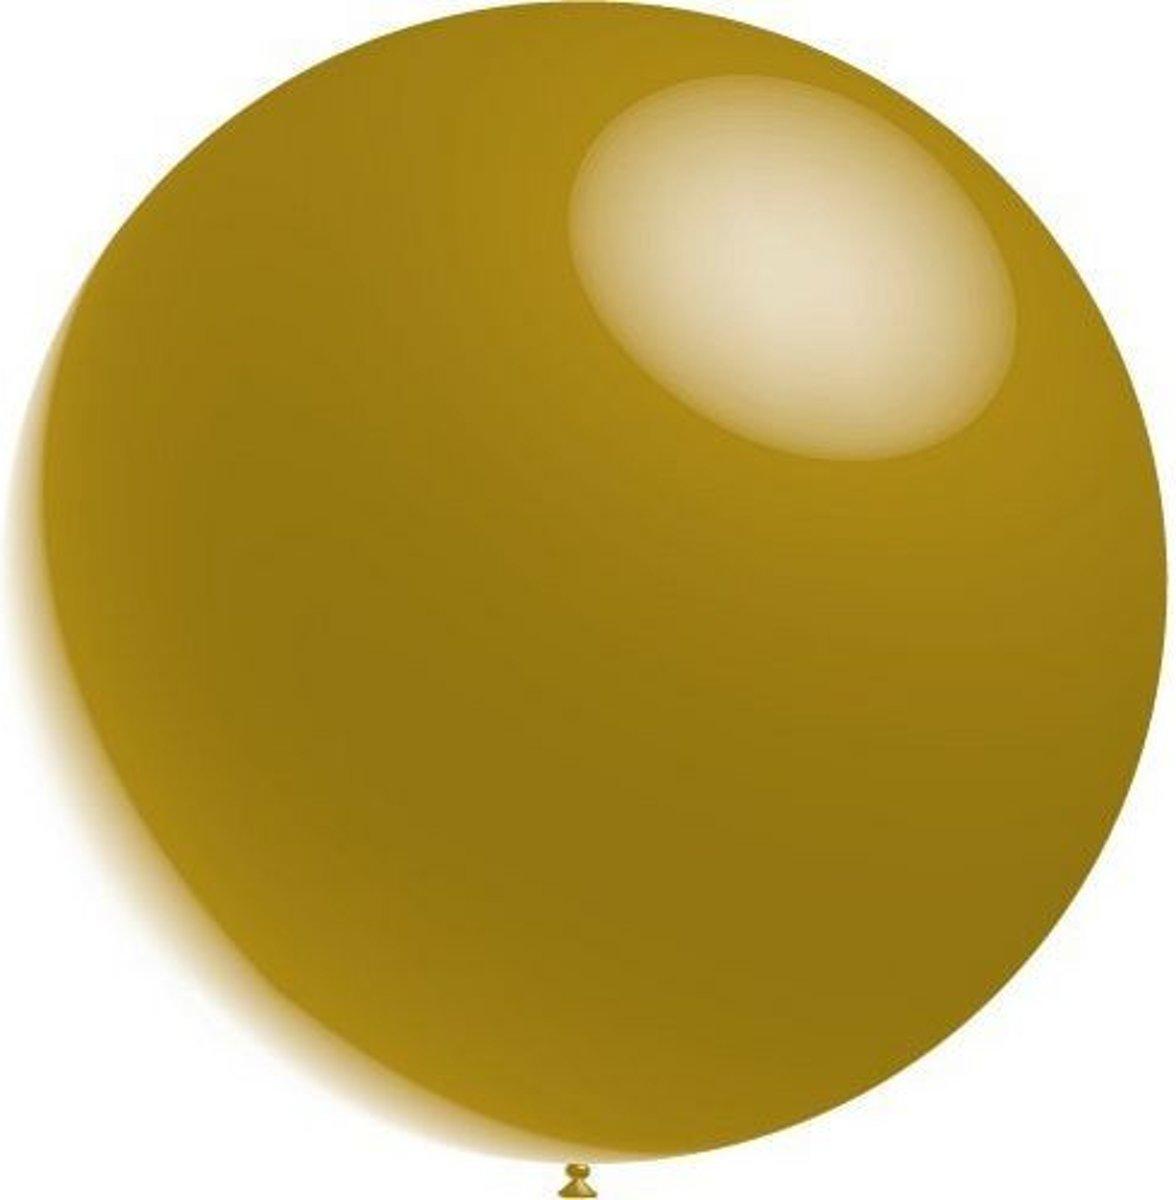 Gouden Reuze Ballon Metallic 60cm kopen